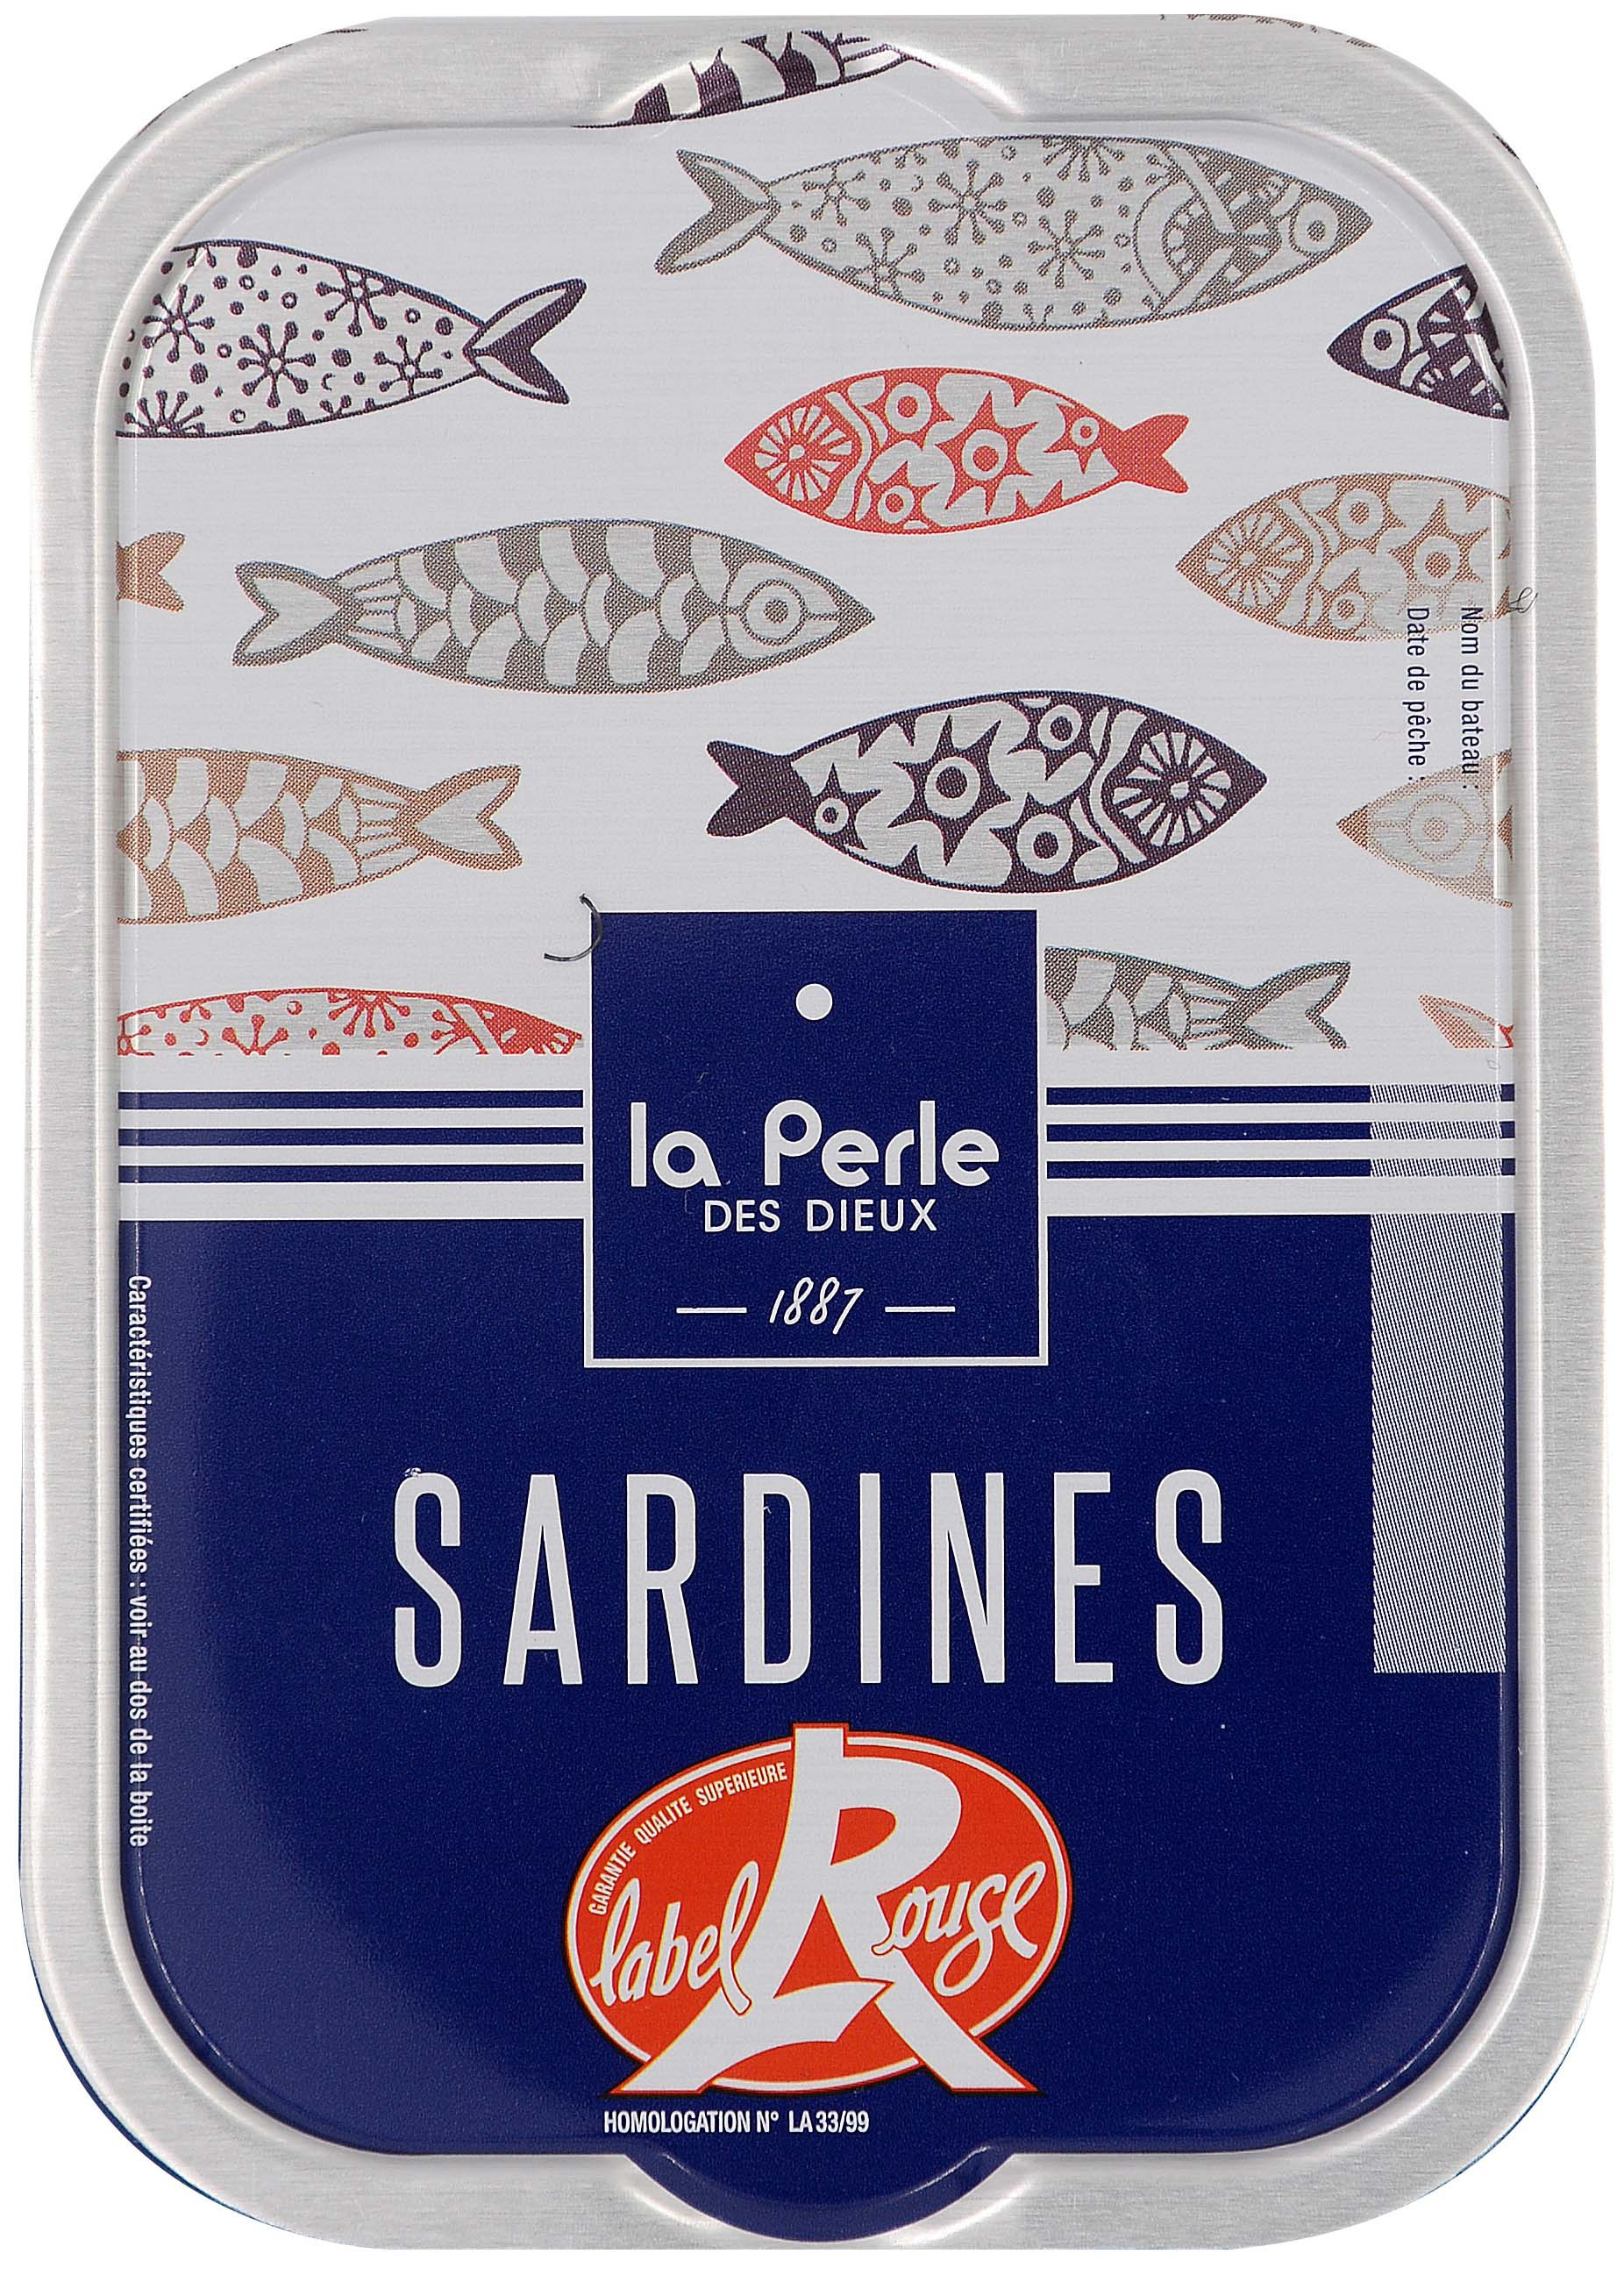 Sardines Label Rouge - La perle des Dieux